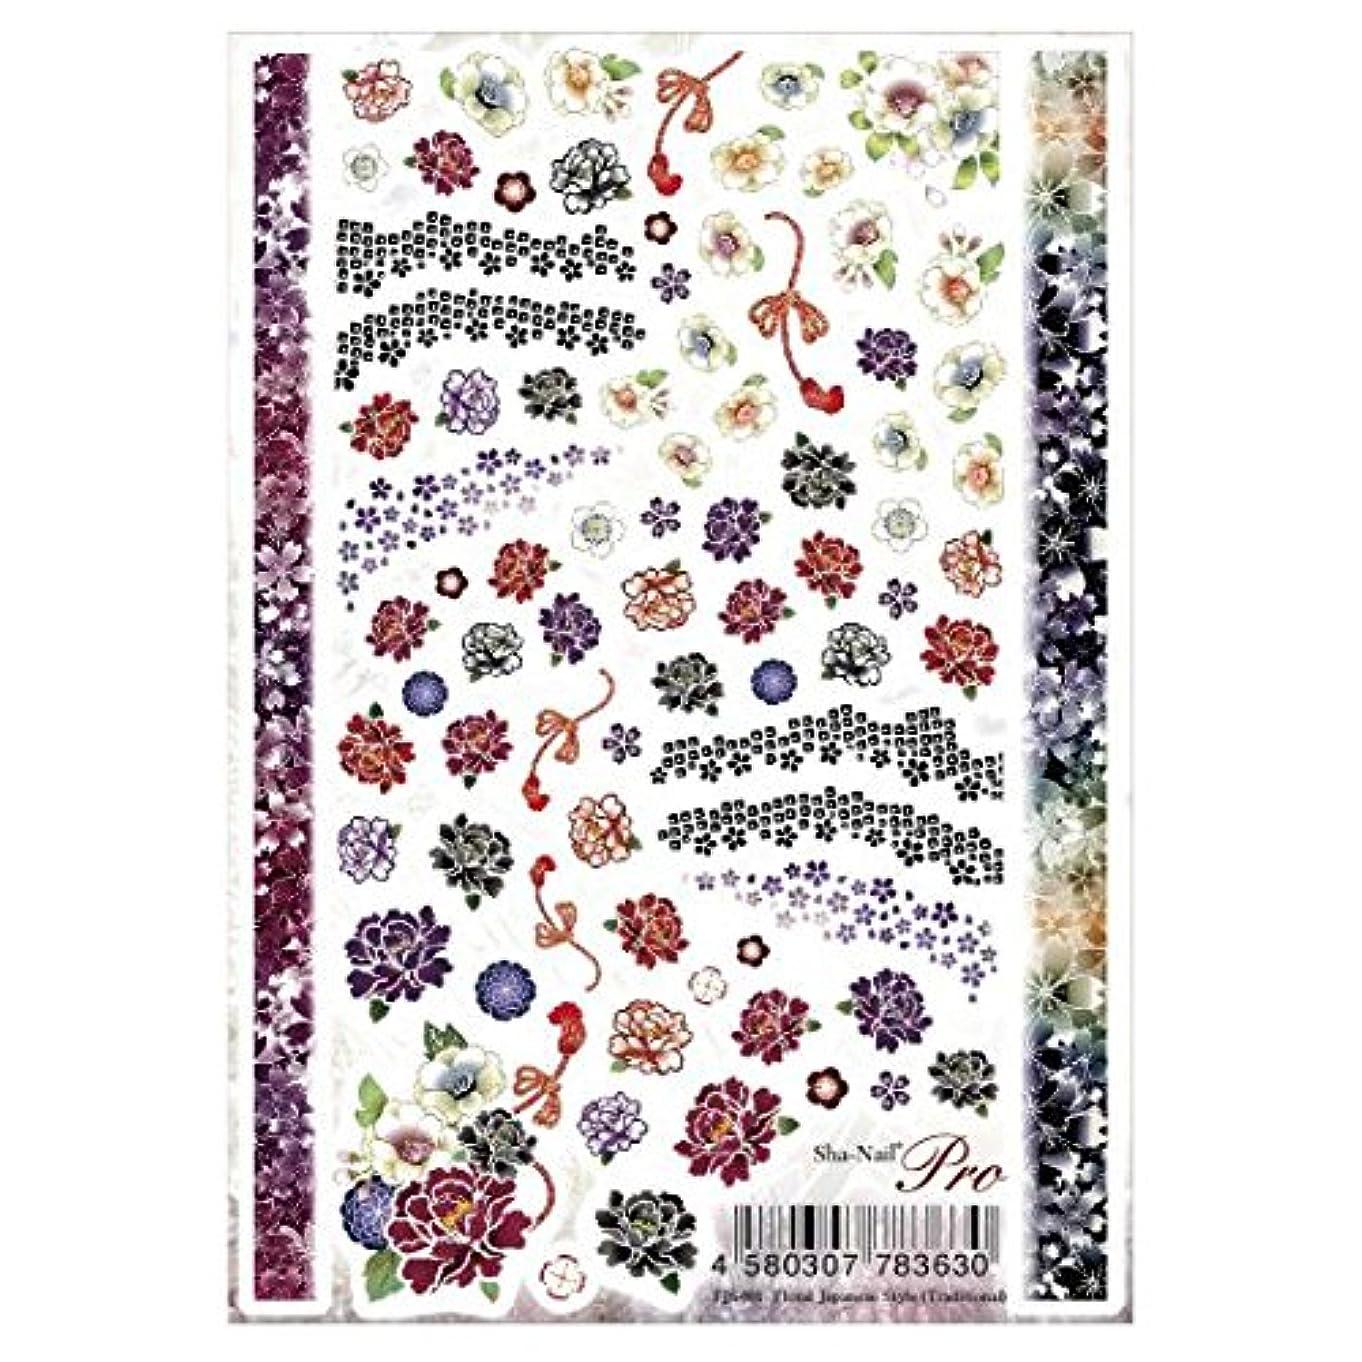 応援する肥料空いている写ネイルプロ ネイルシール 和の花 トラディショナル アート材